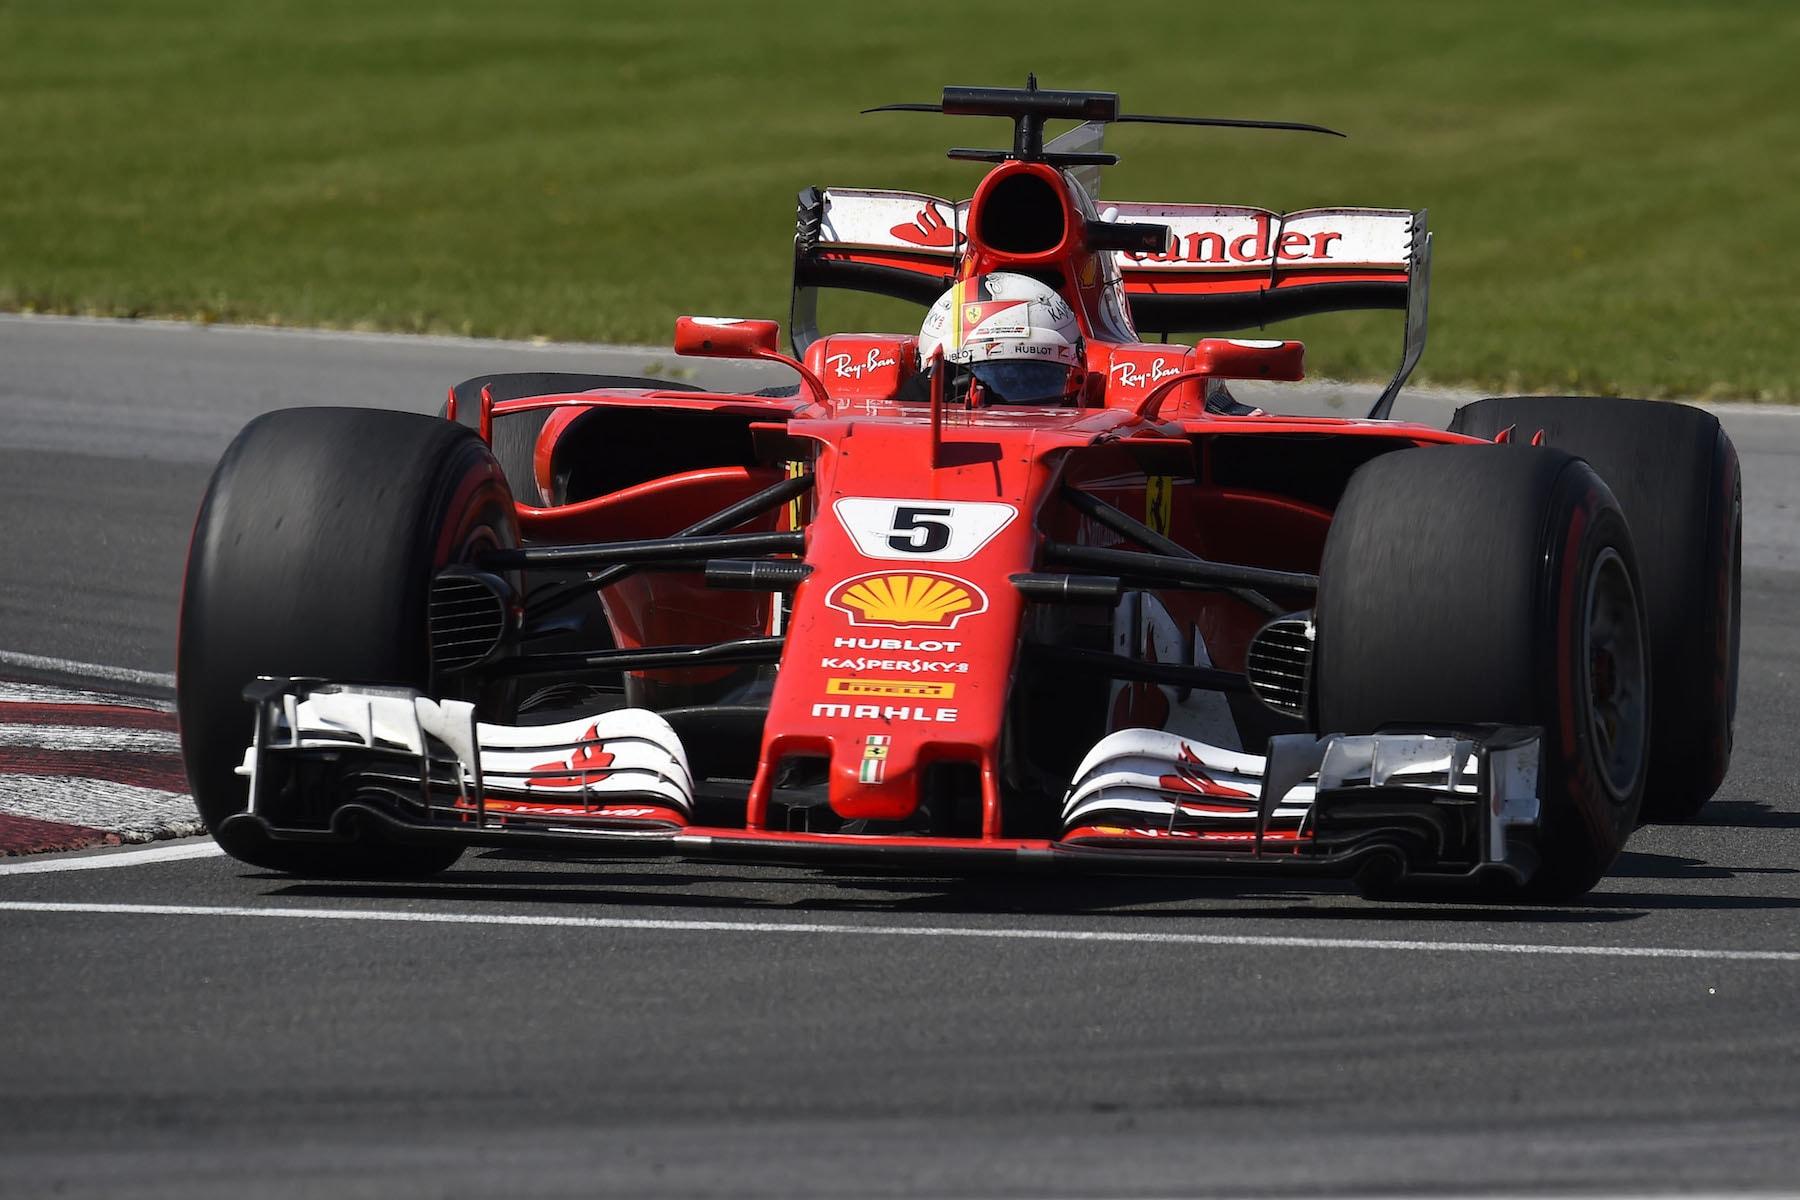 G 2017 Sebastian Vettel | Ferrari SF70H | 2017 Canadian GP P7 1 copy.jpg